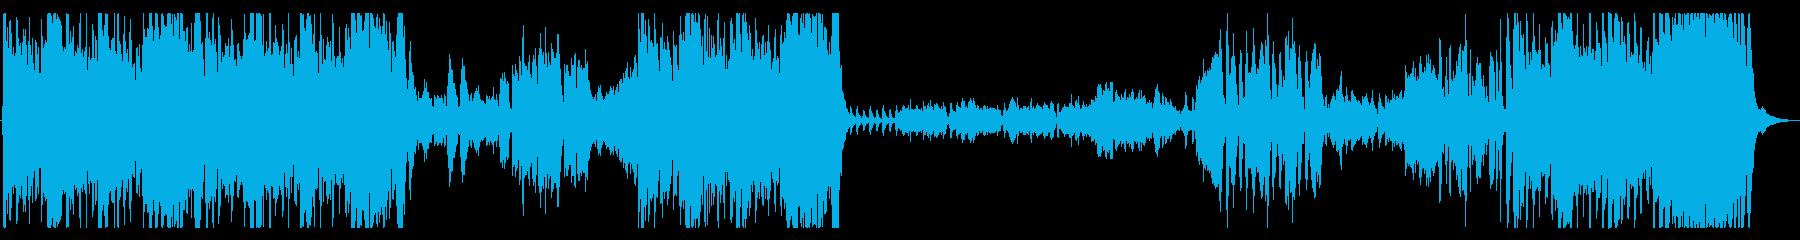 カルメンの前奏曲の再生済みの波形